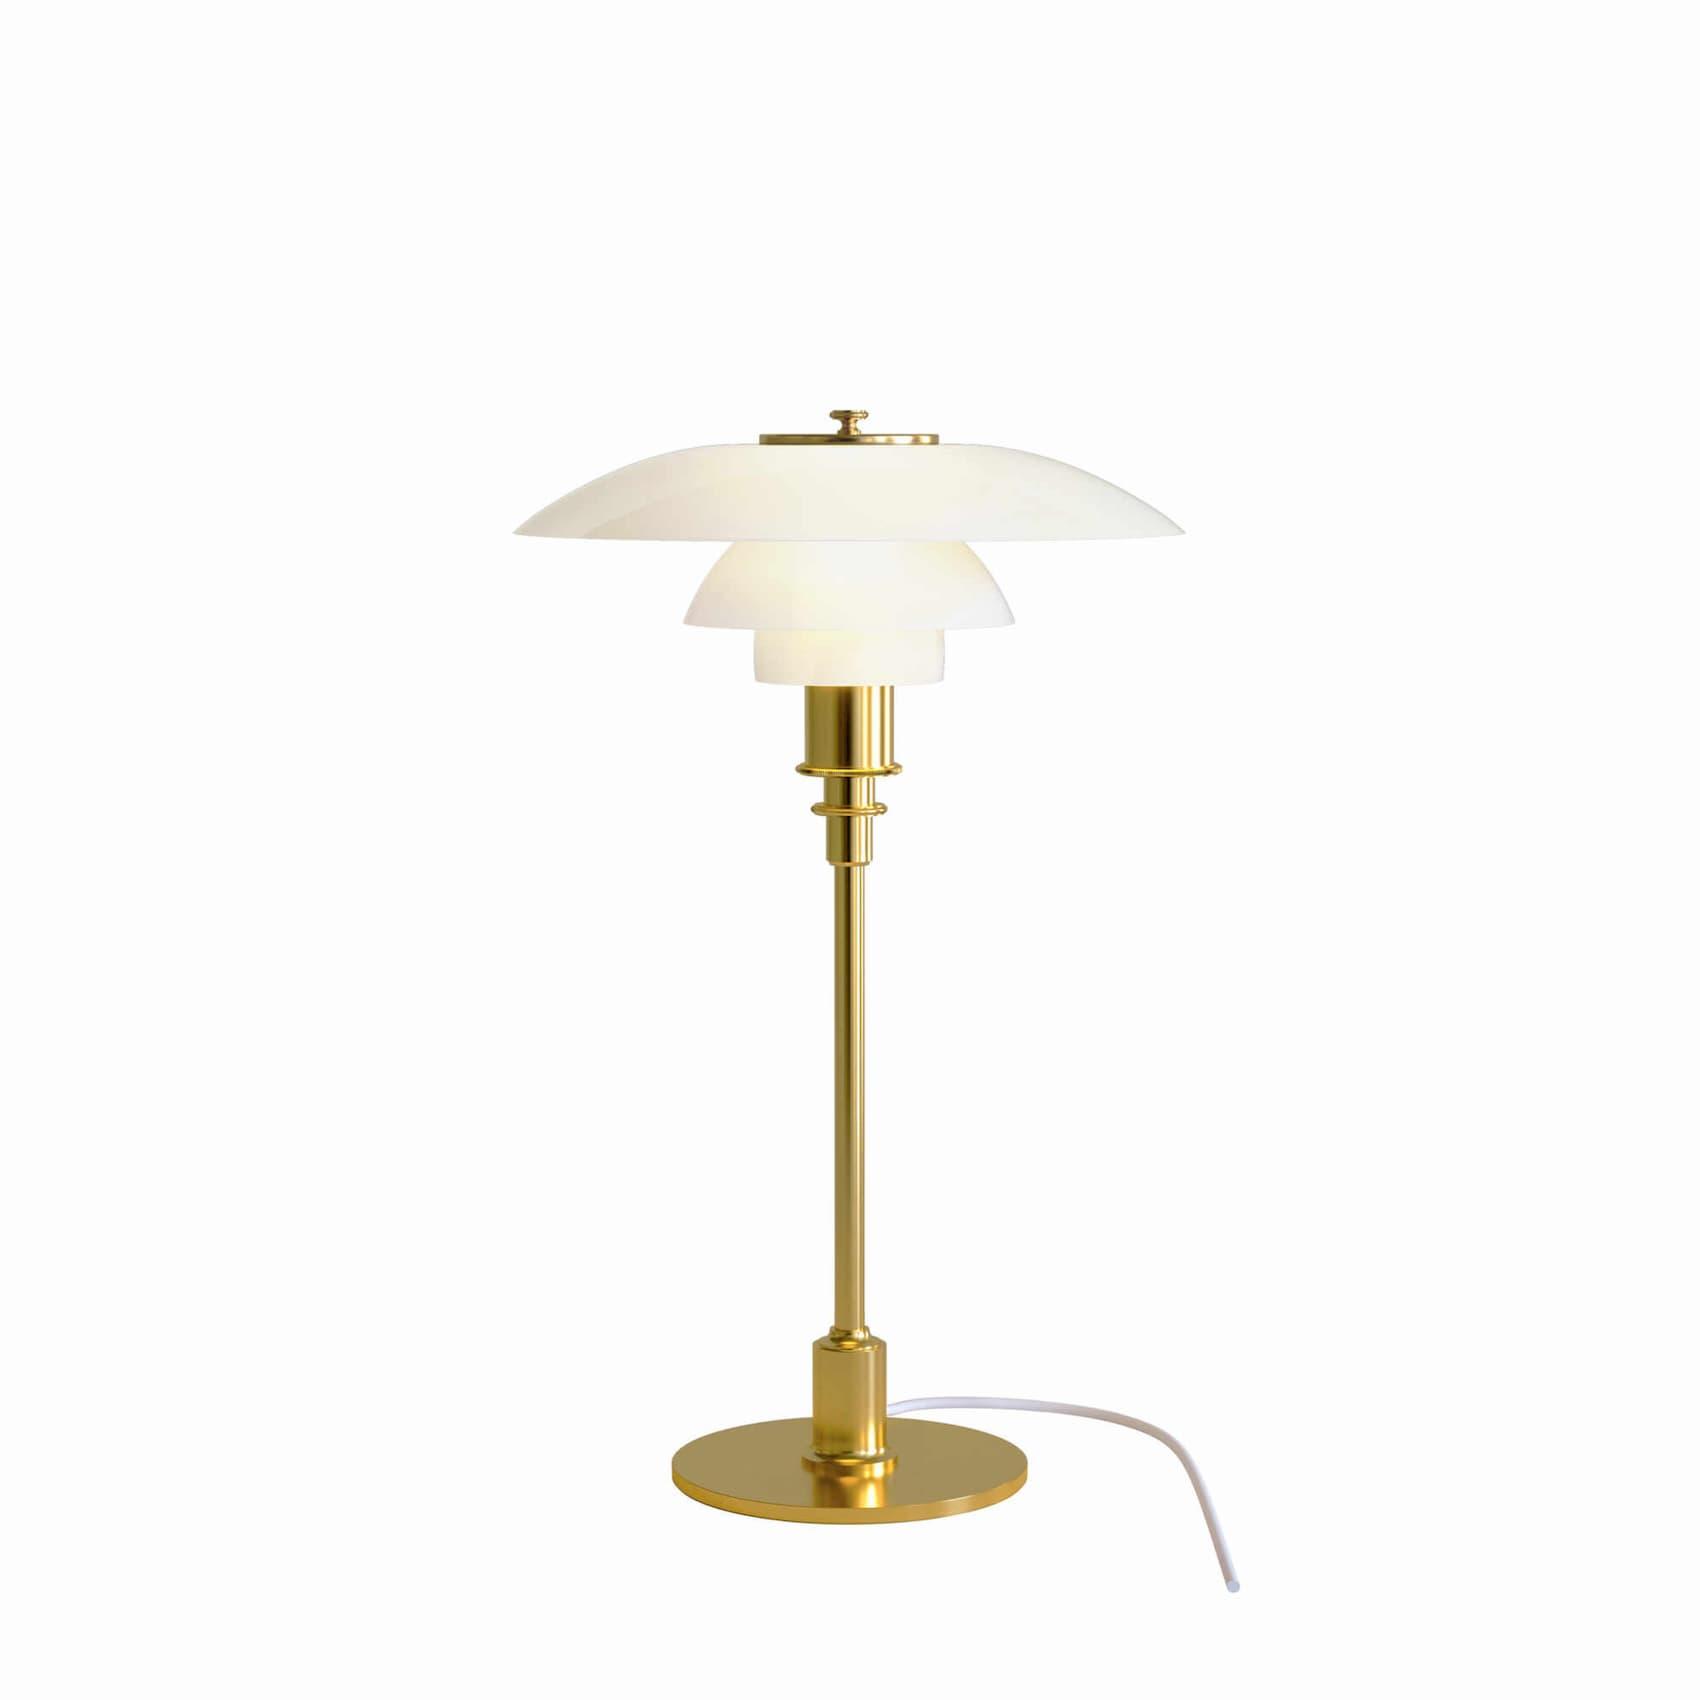 Brass metallised - +$91.34